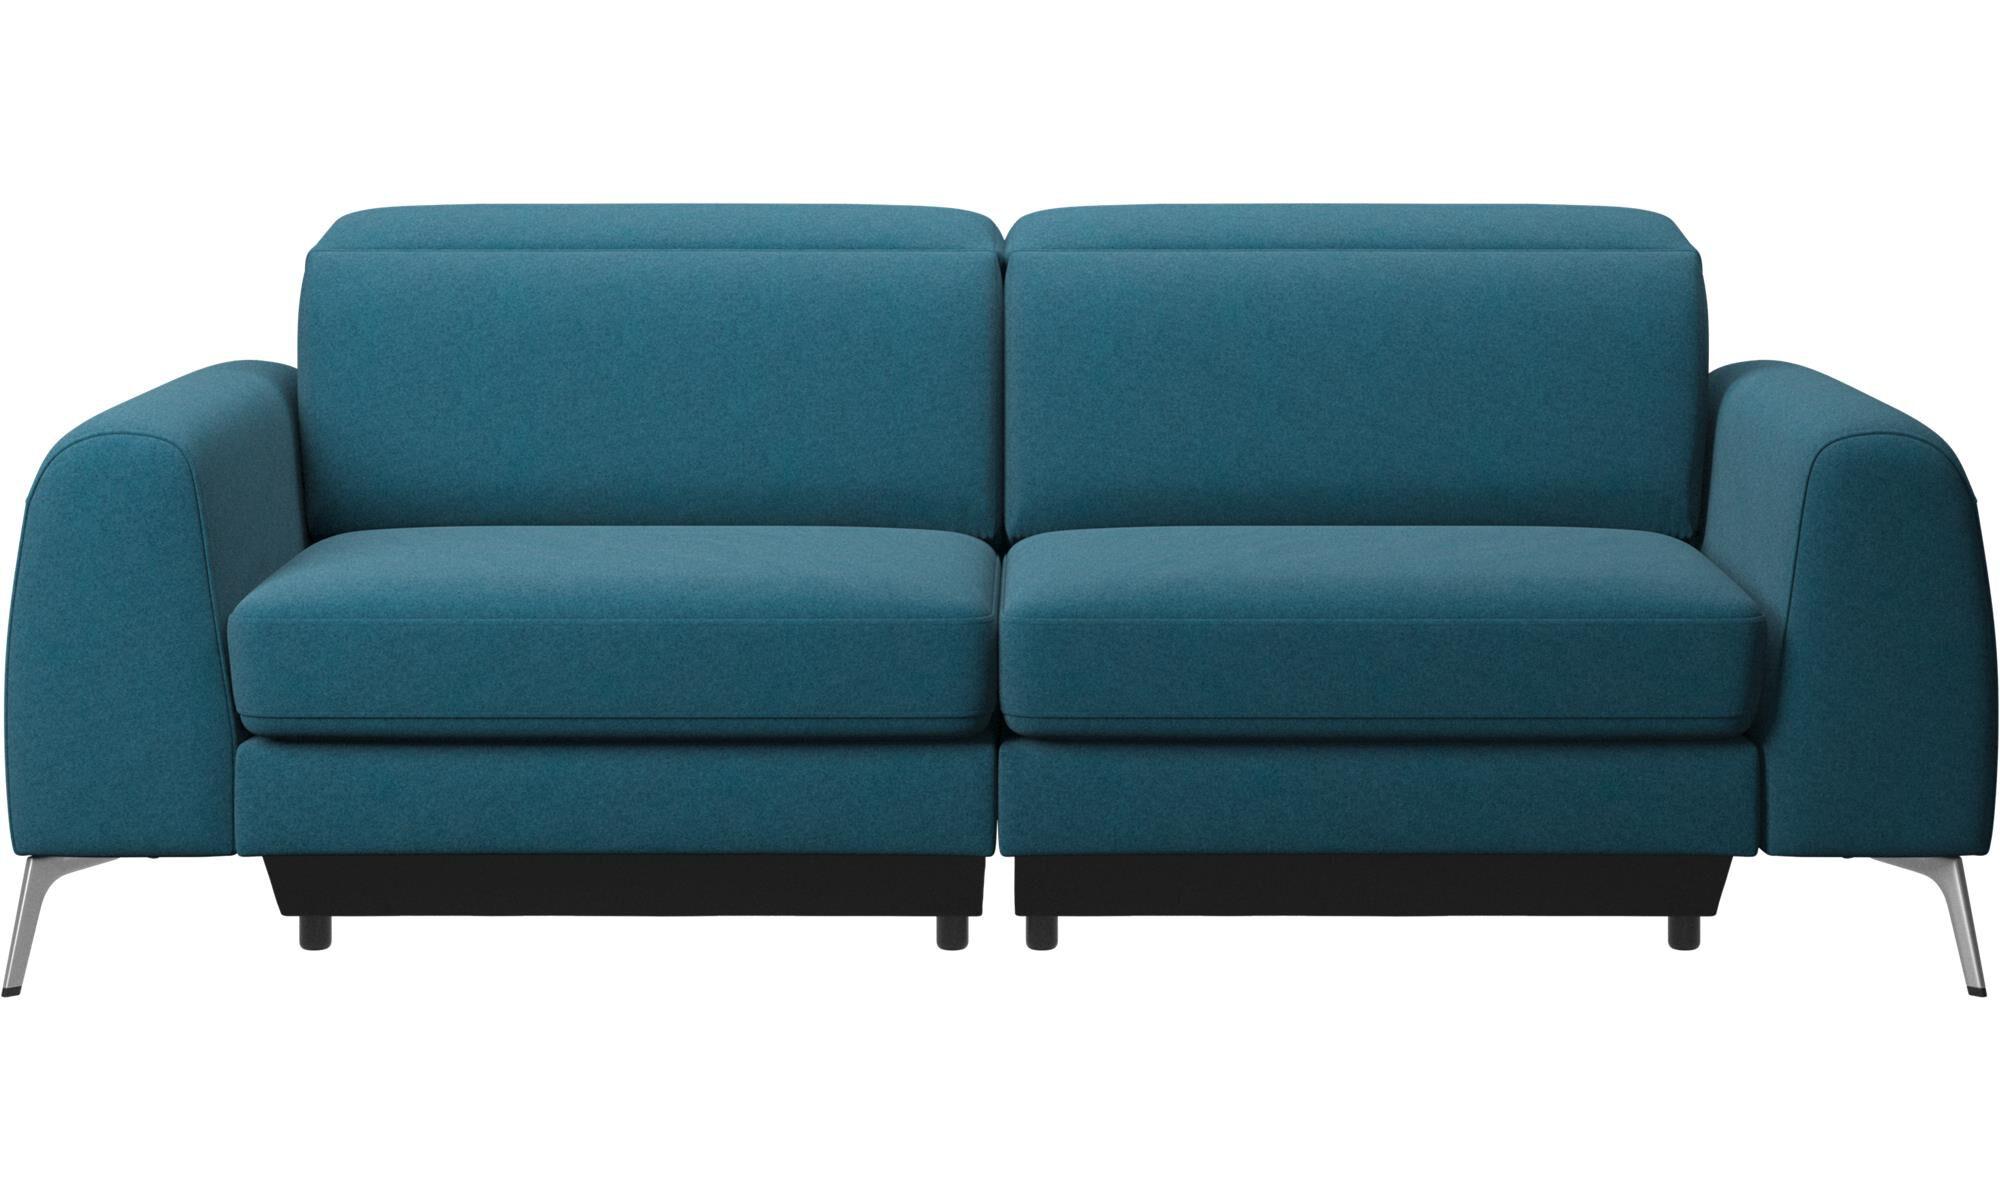 Perfect 3 Sitzer Sofas   Madison Sofa Mit Verstellbarer Kopfstütze   Blau   Stoff